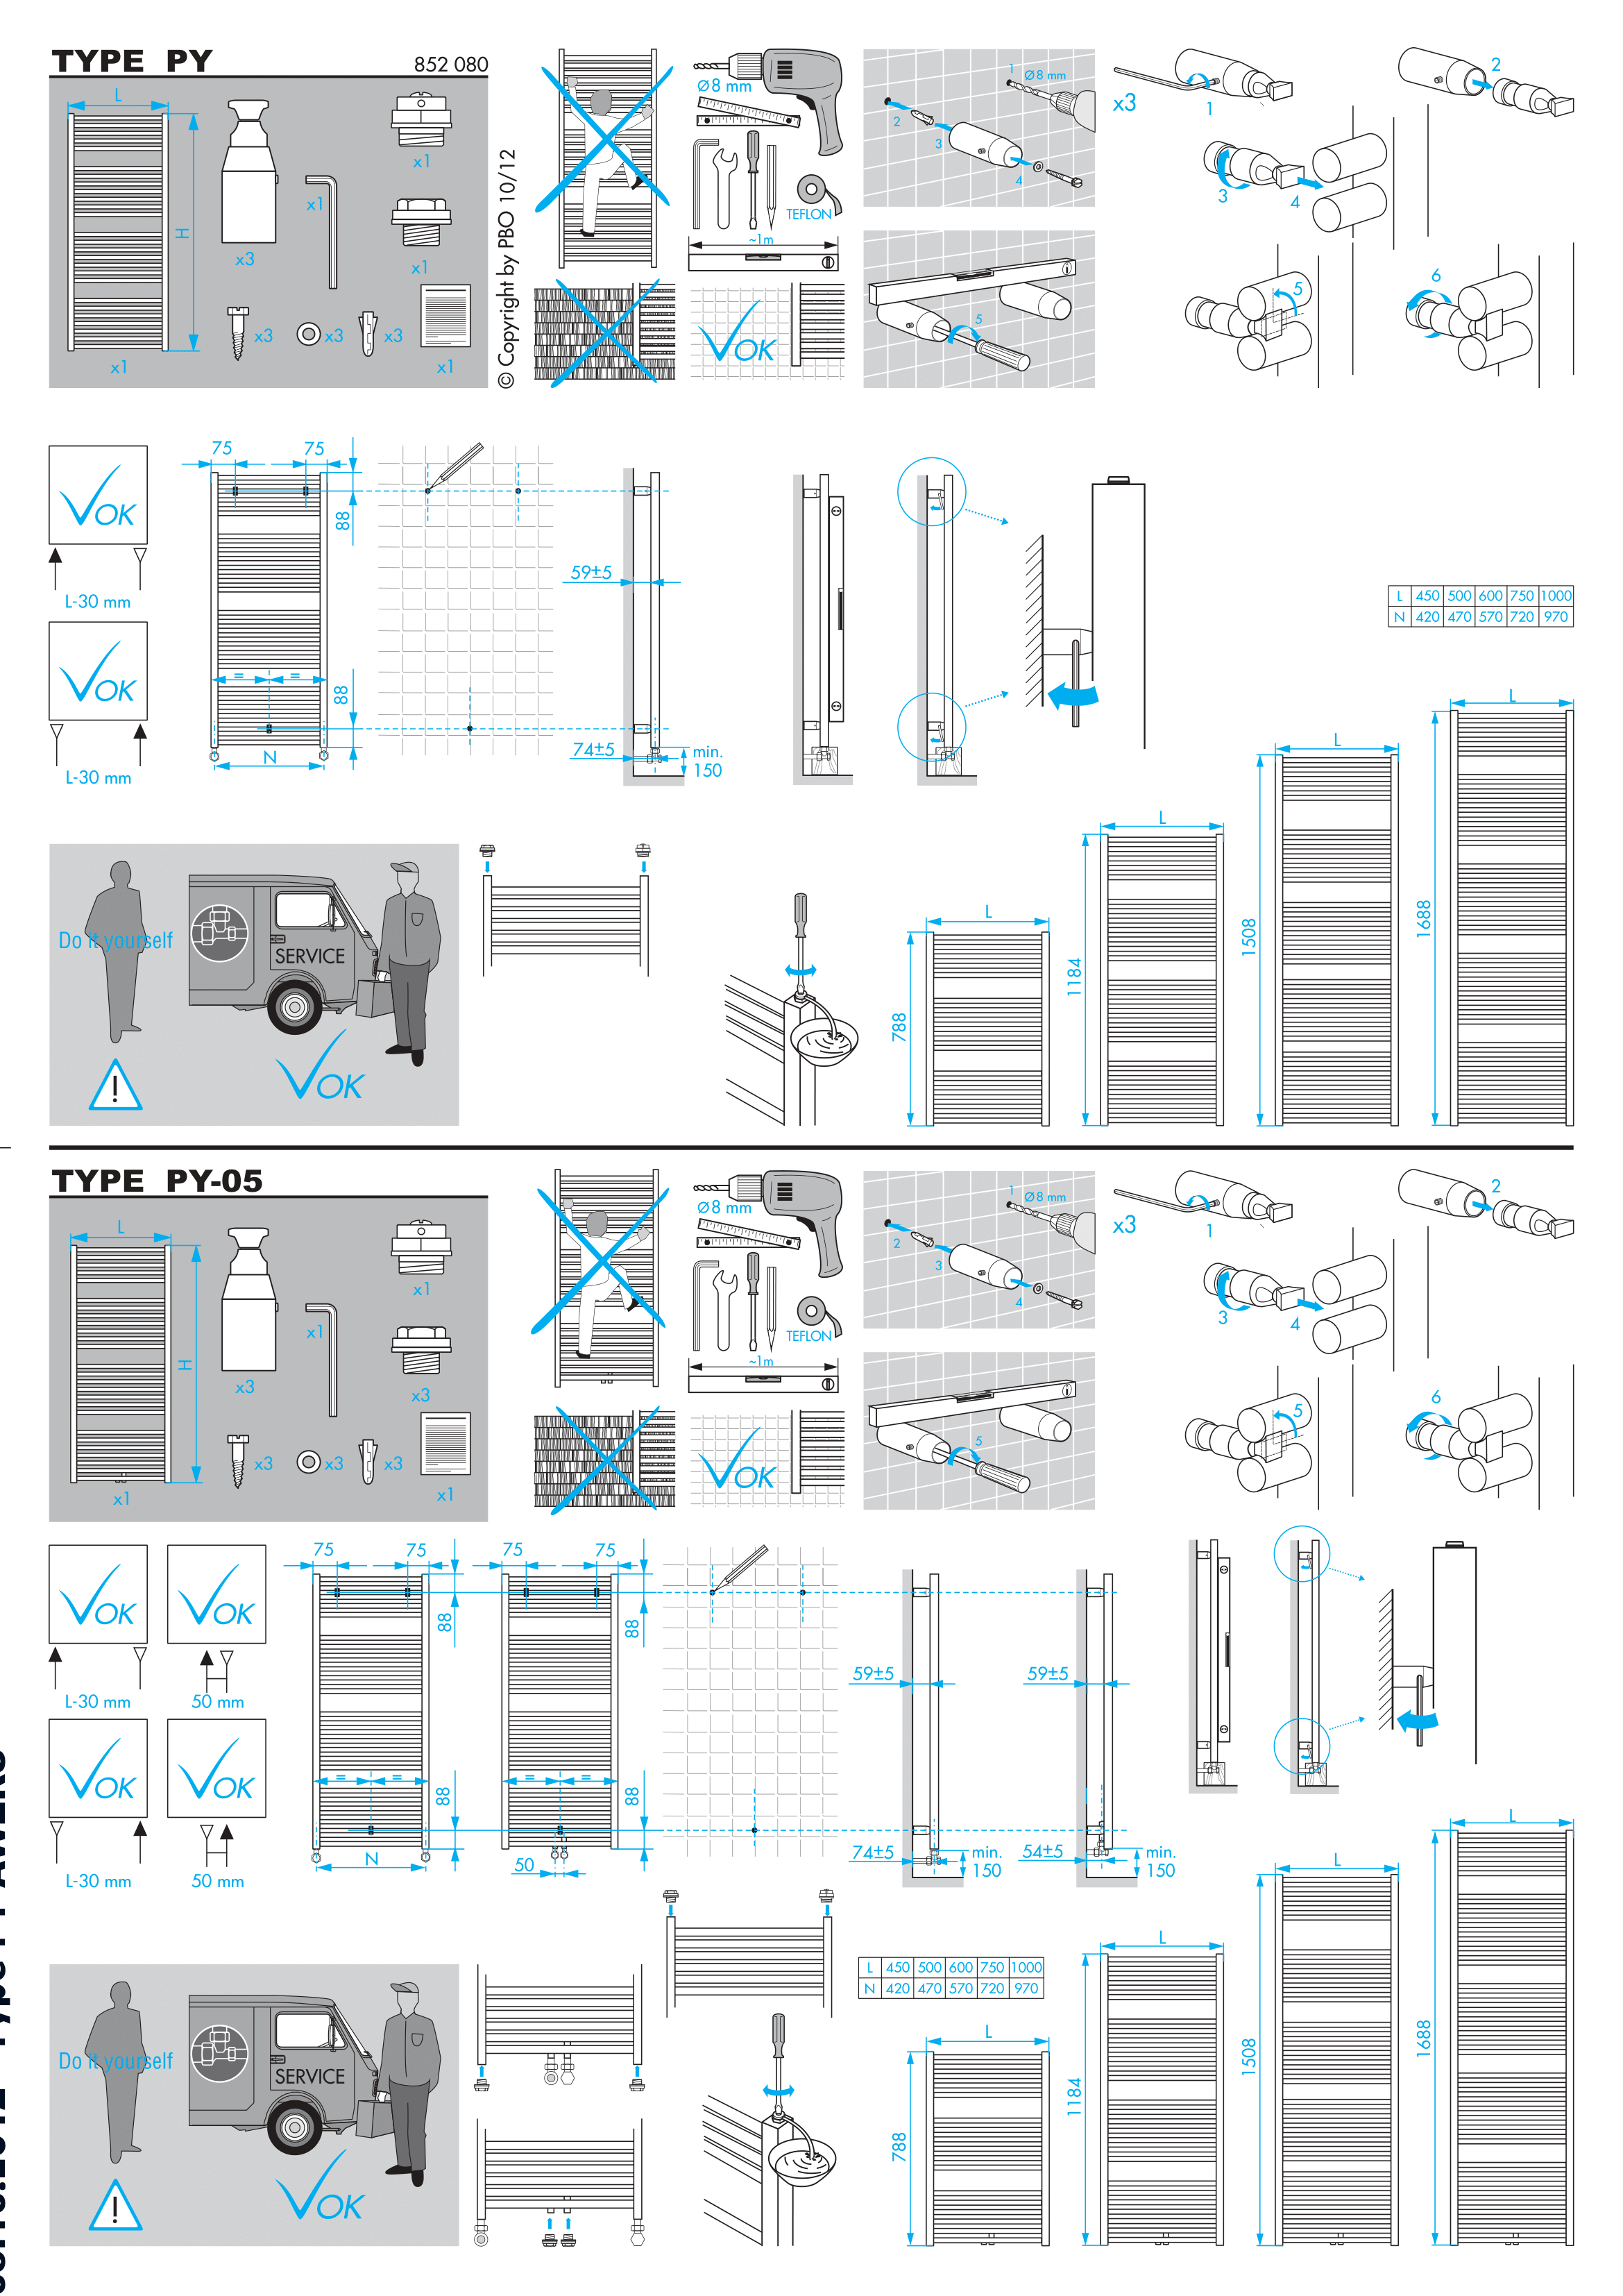 Фотография Инструкция по монтажу дизайнерского полотенцесушителя Zehnder Zeno